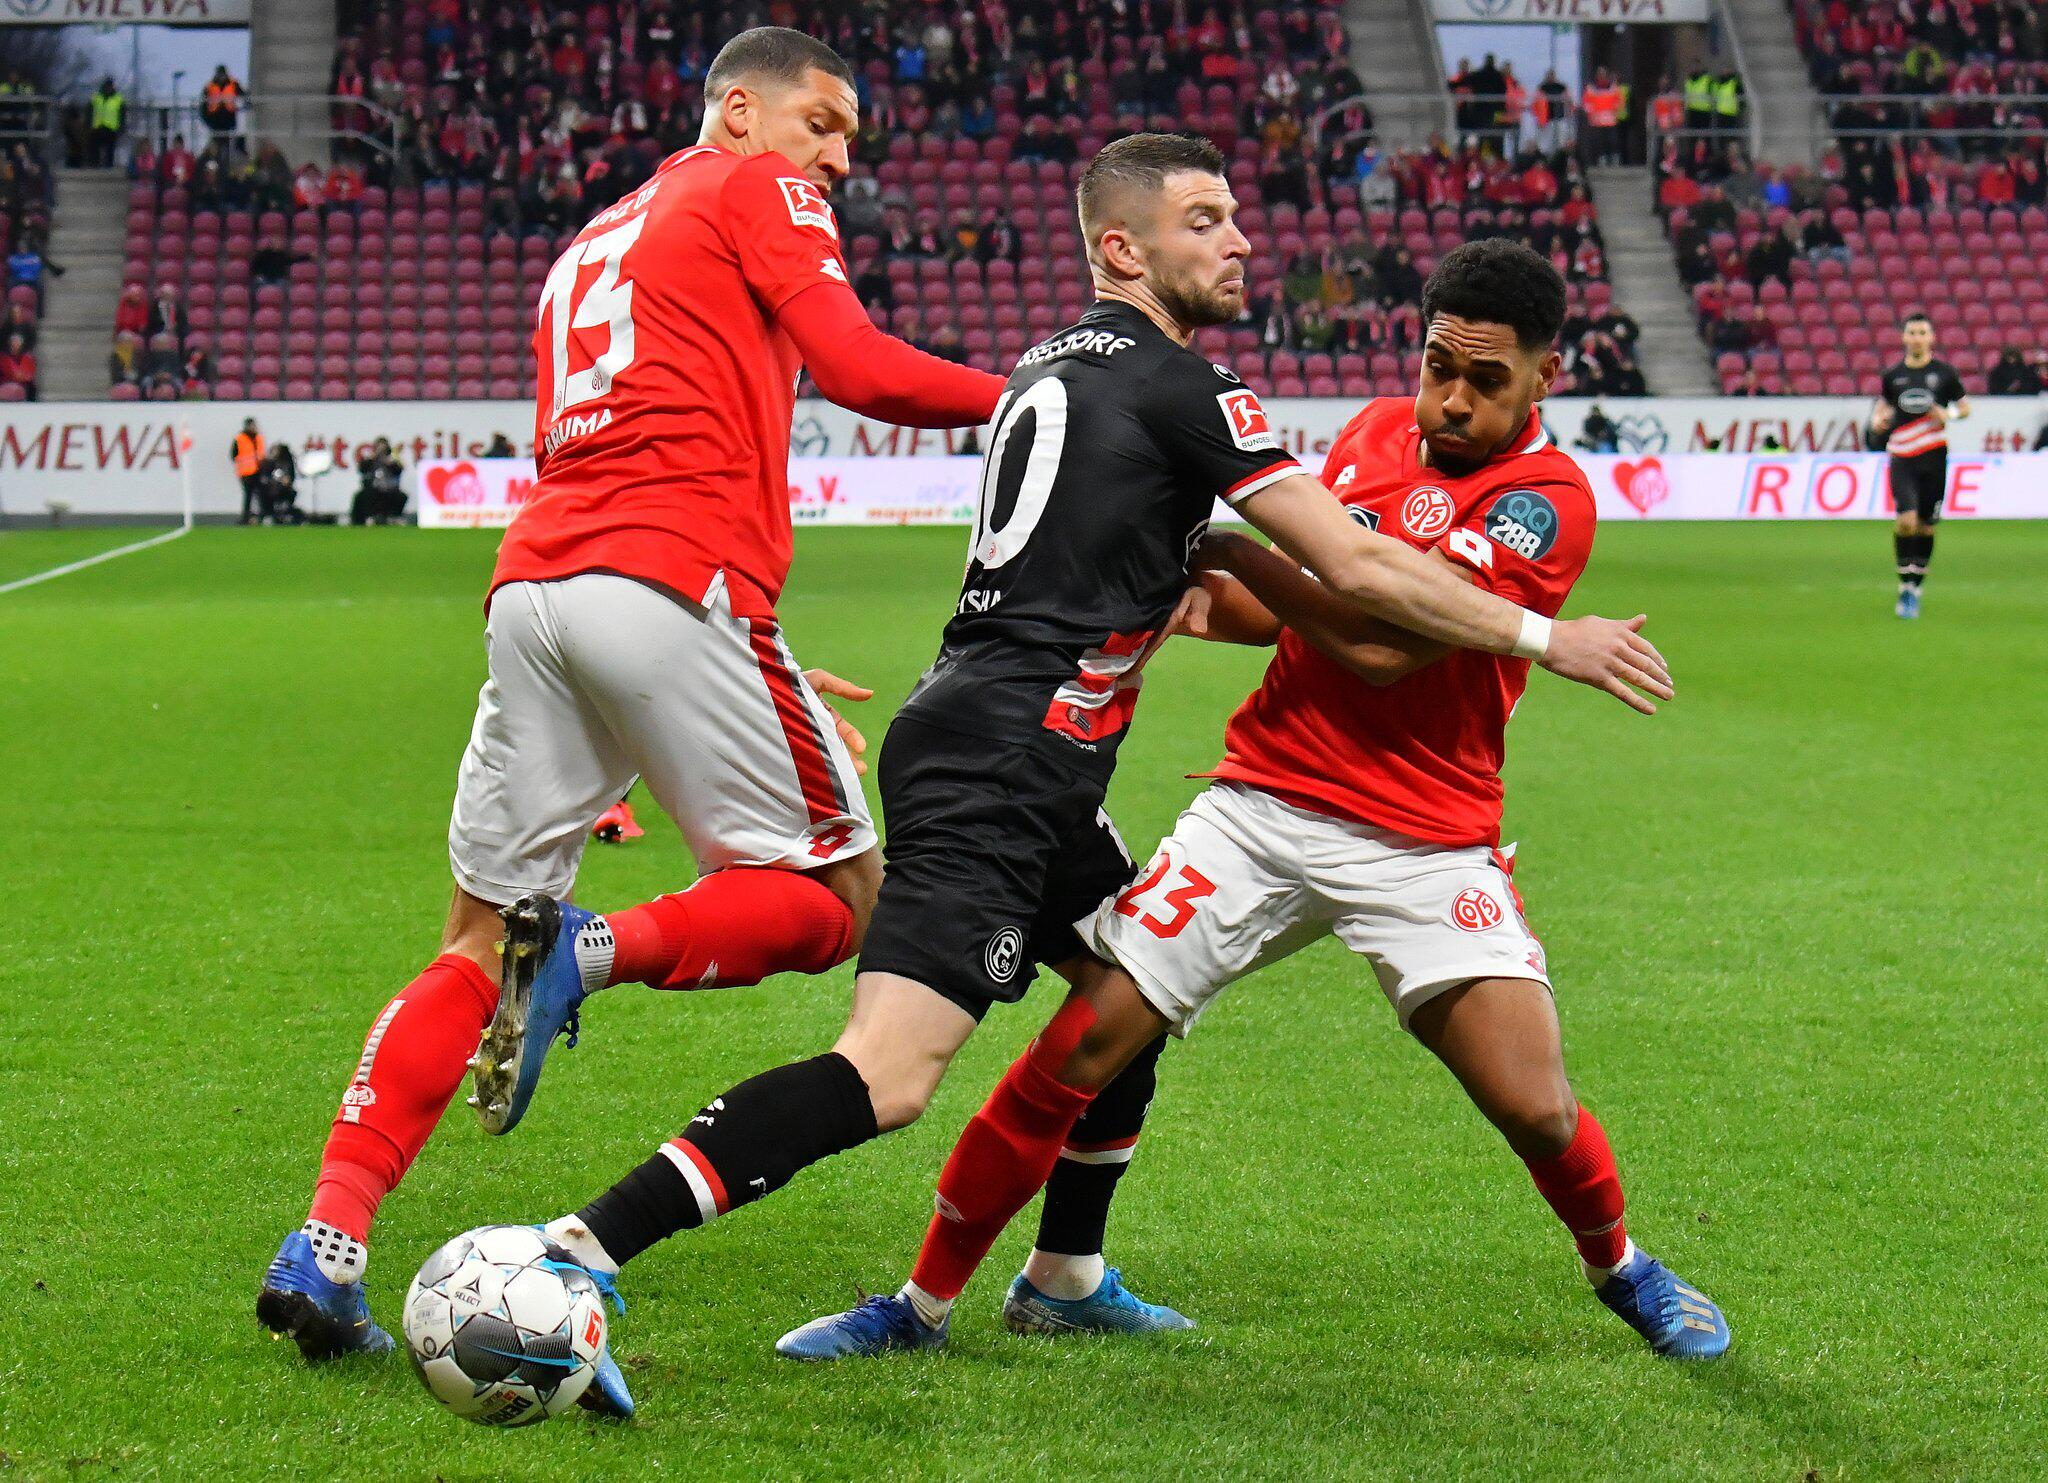 Spielstand Dortmund Heute